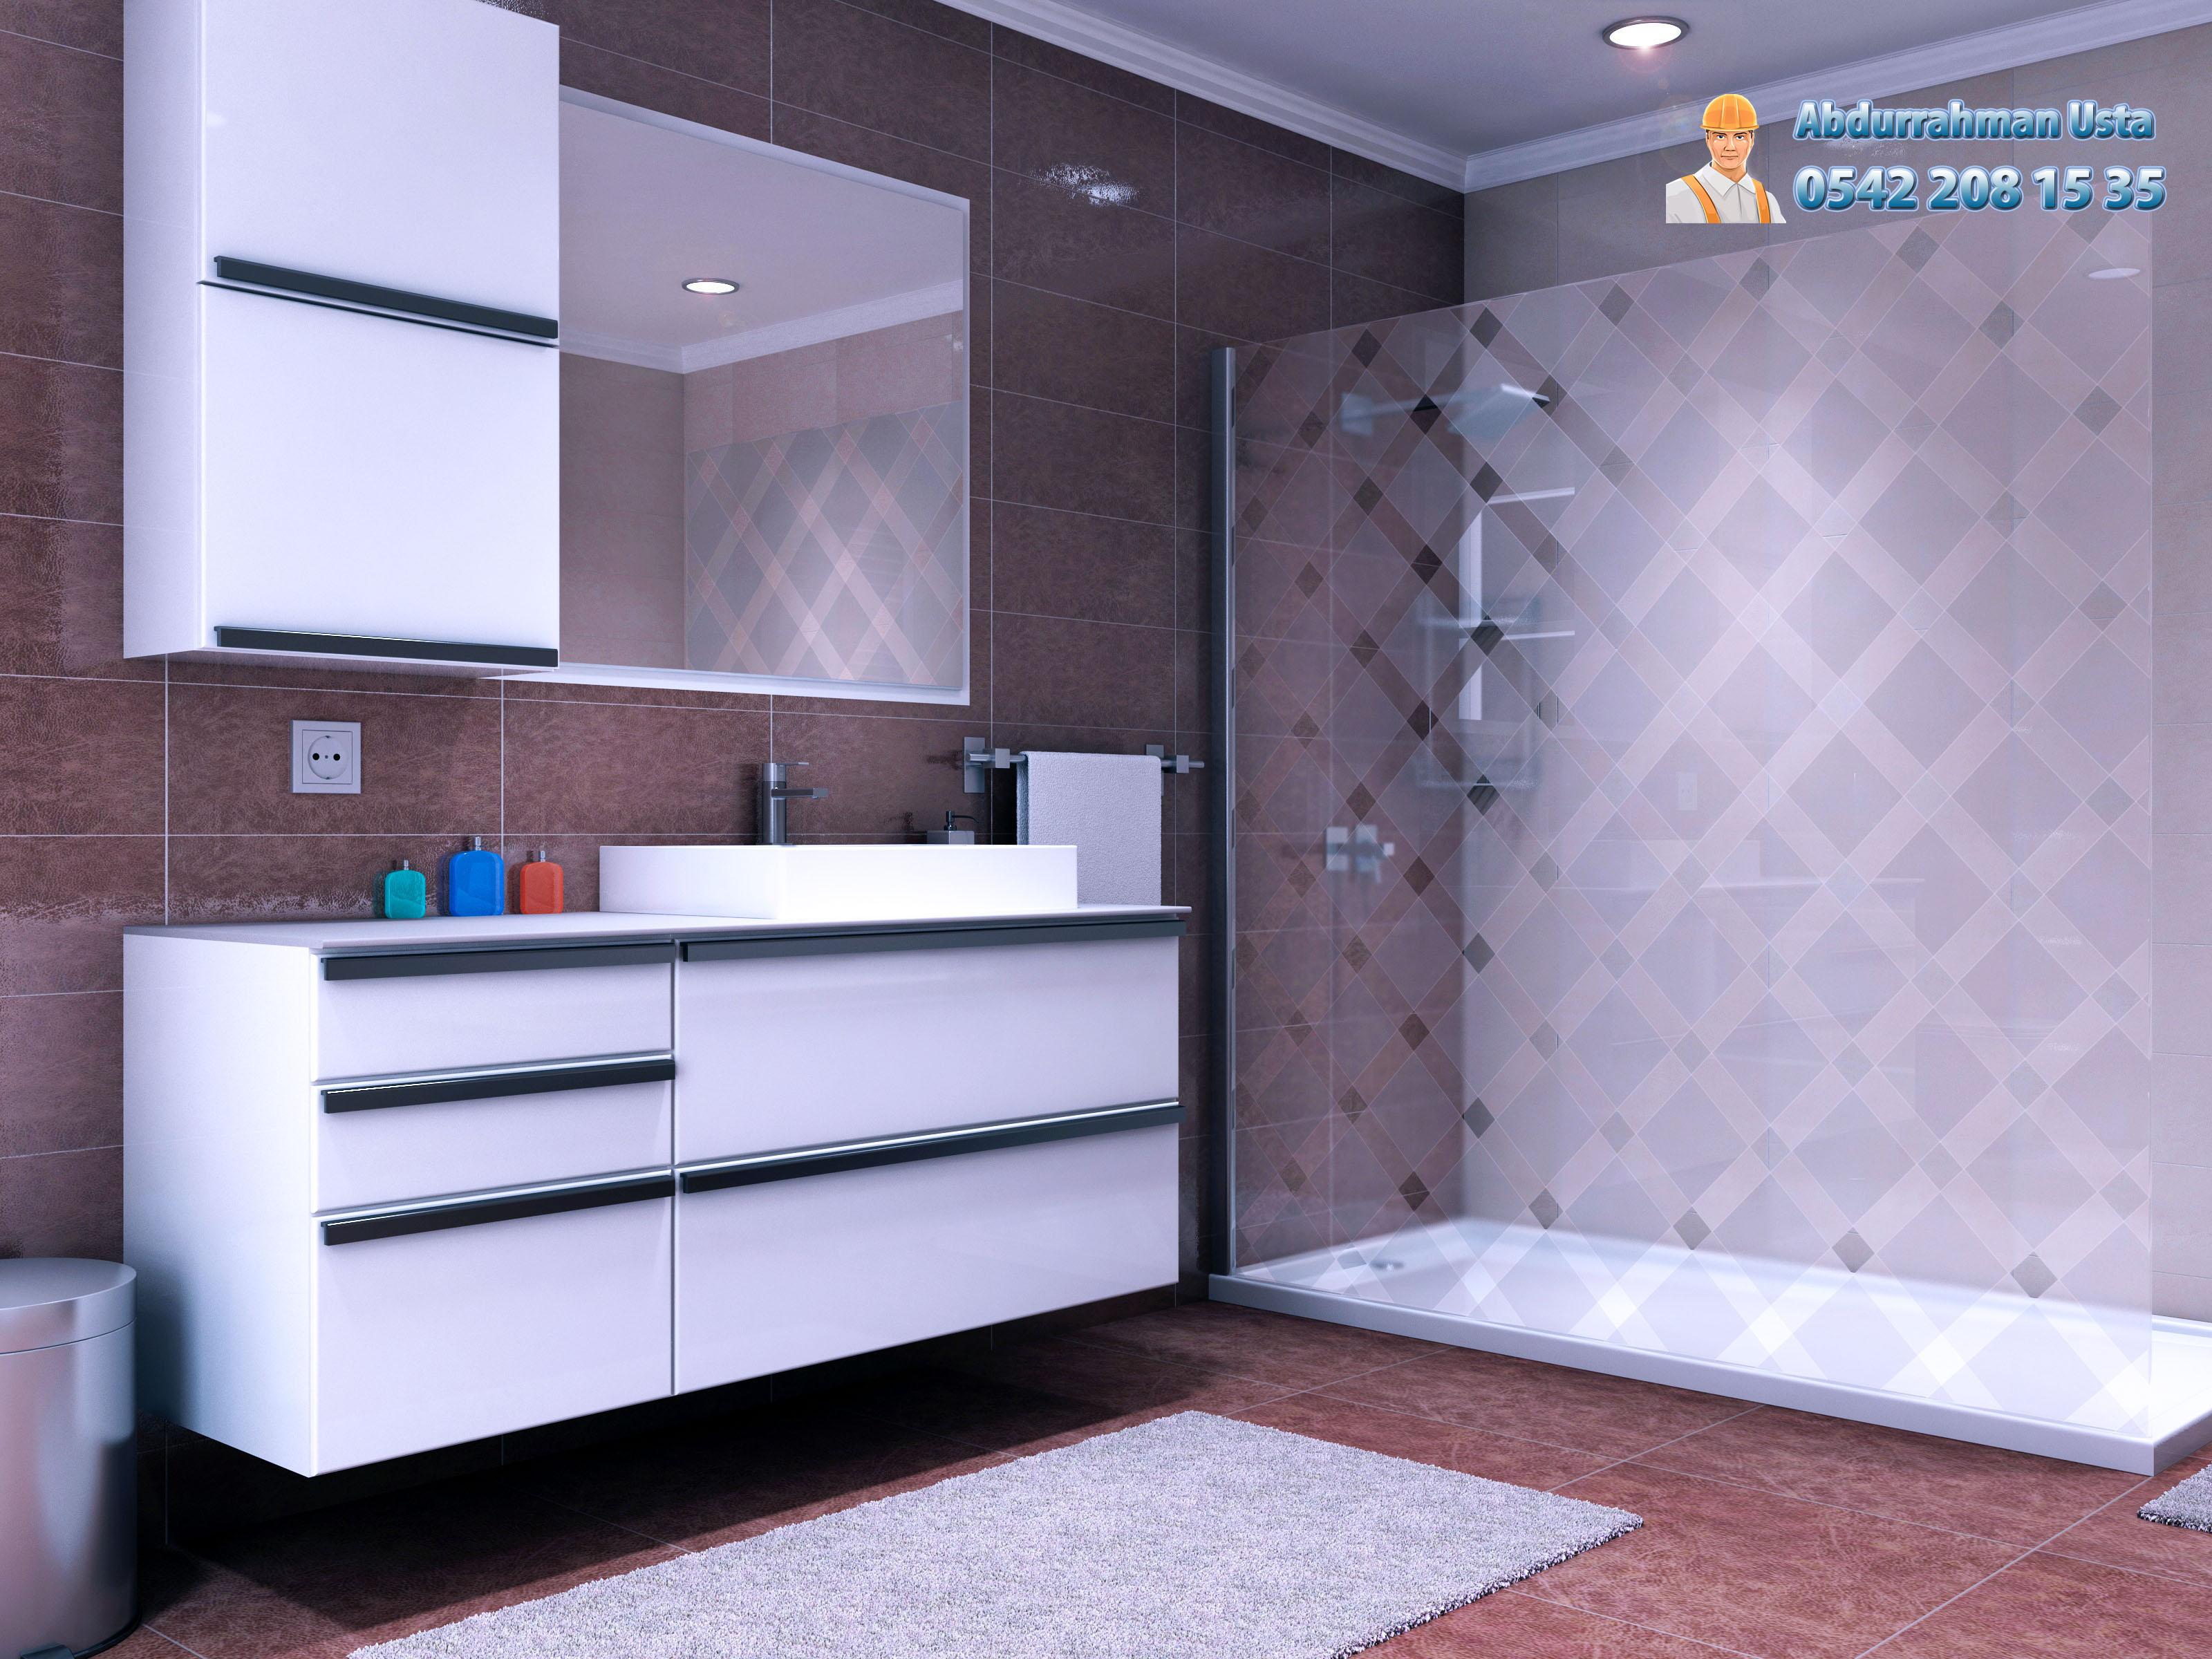 bursa kestel banyo dekorasyon ve tadilat ustası